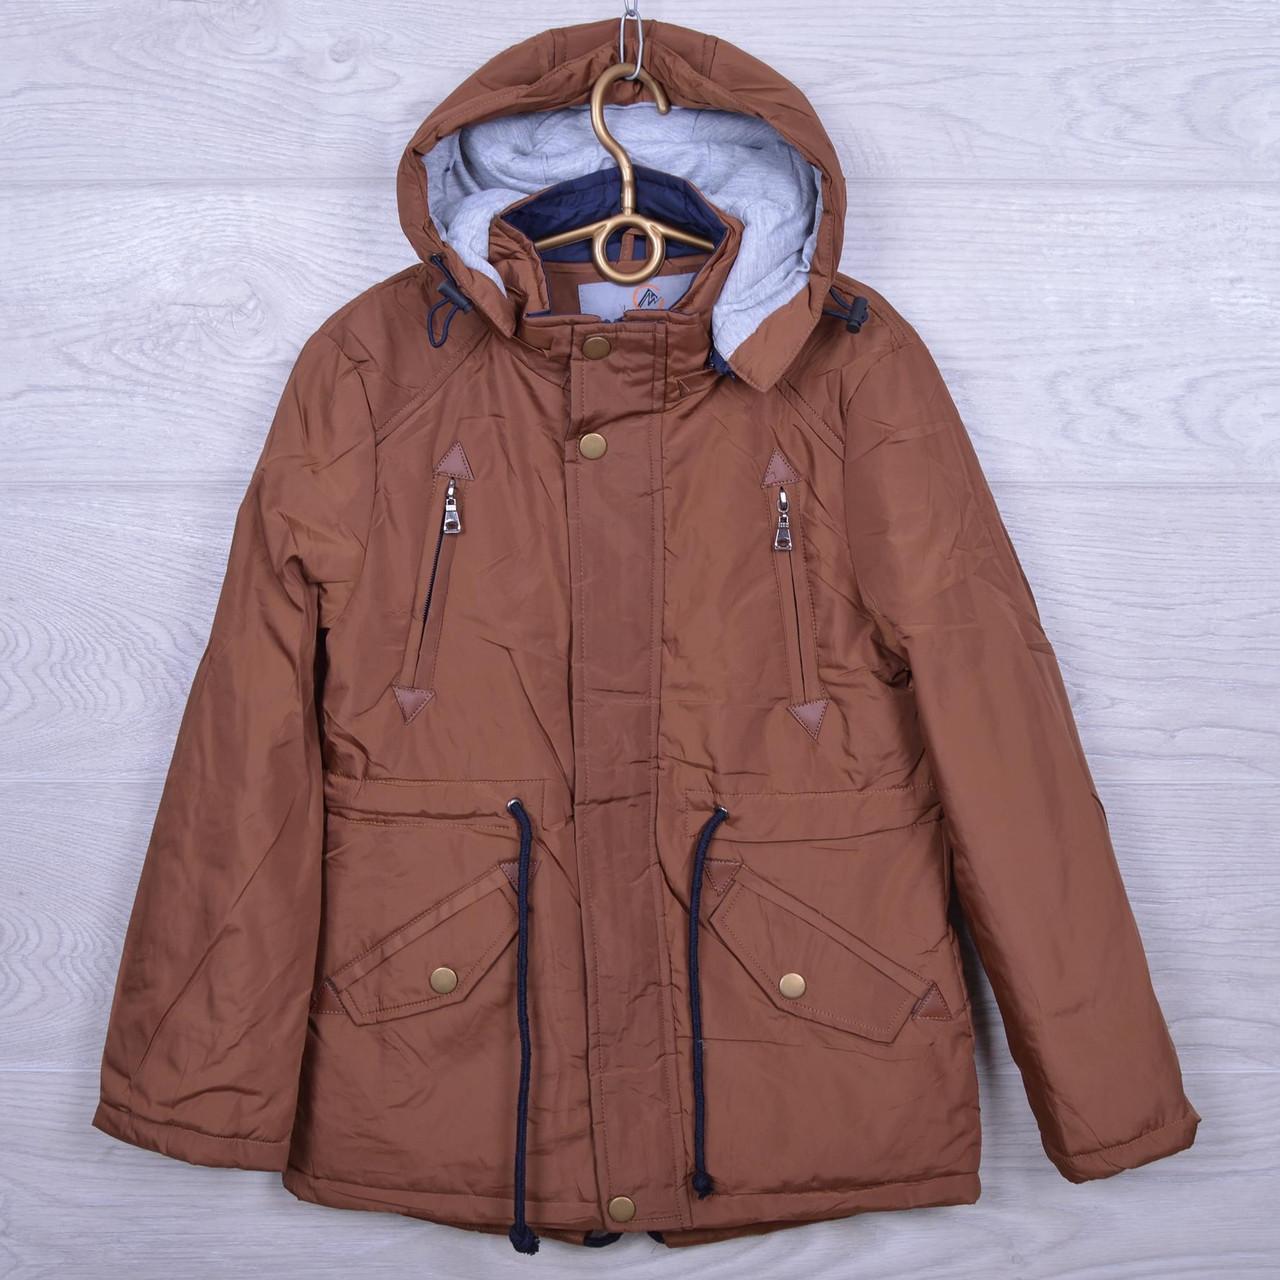 """Куртка подростковая демисезонная """"M&Z"""" #16В-1 для мальчиков. Размеры 34-42. Коричневая. Оптом."""